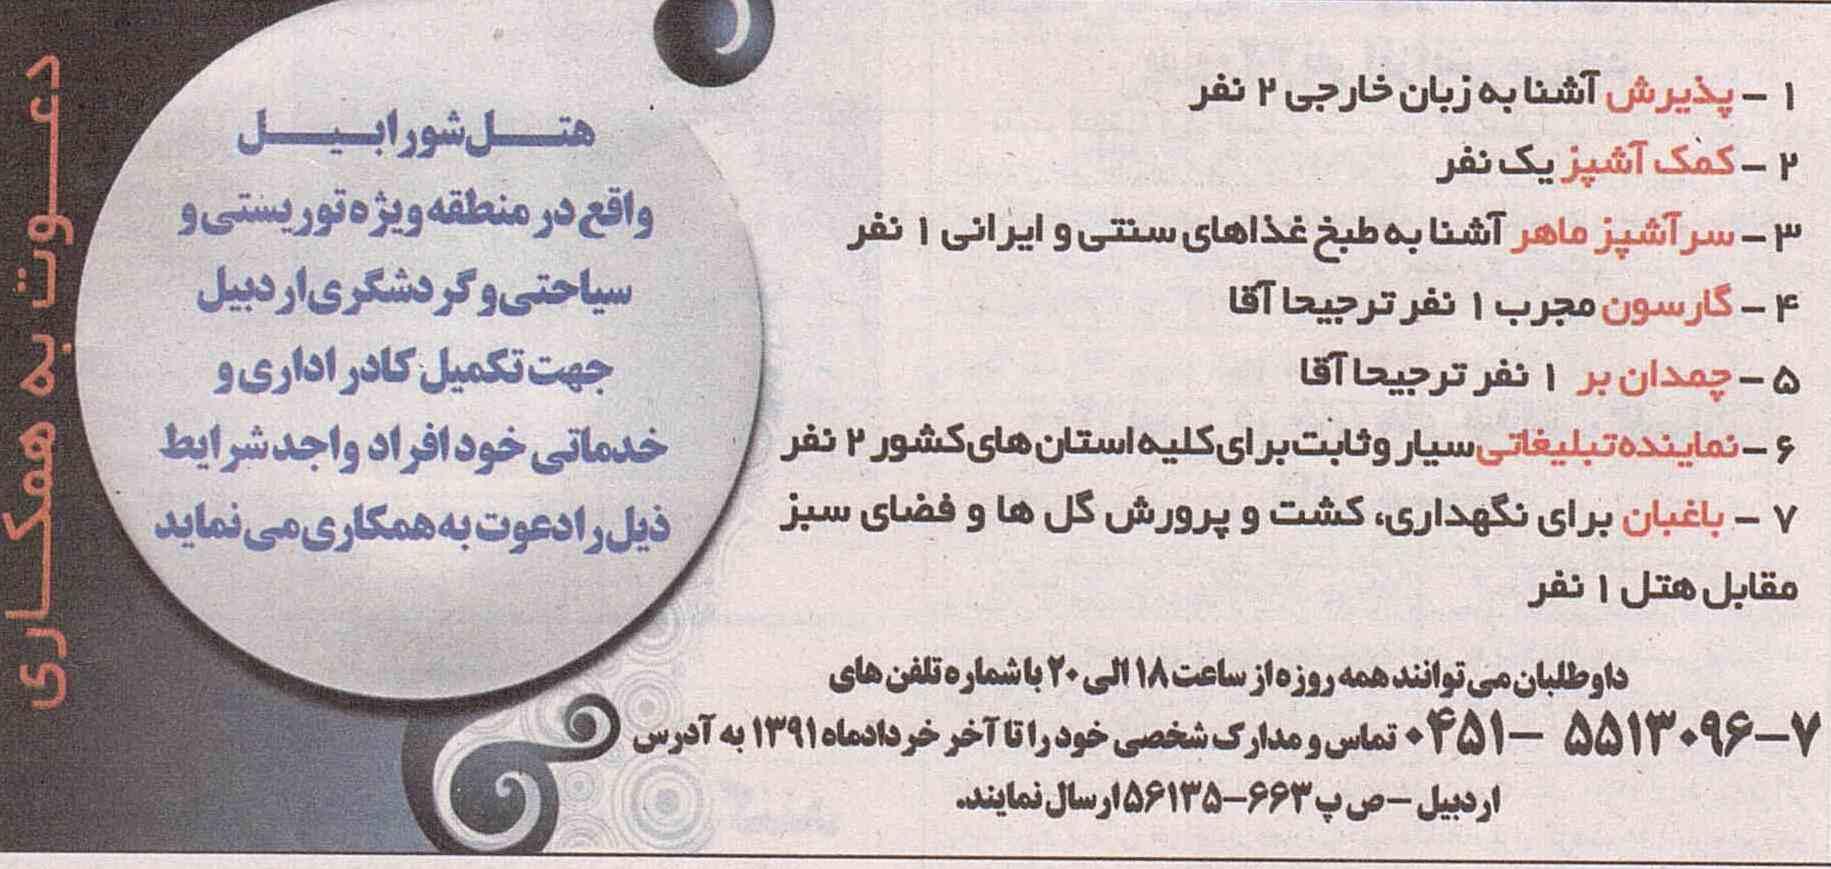 استخدام نماینده تبلیغاتی و سر آشپز در هتلی در اردبیل